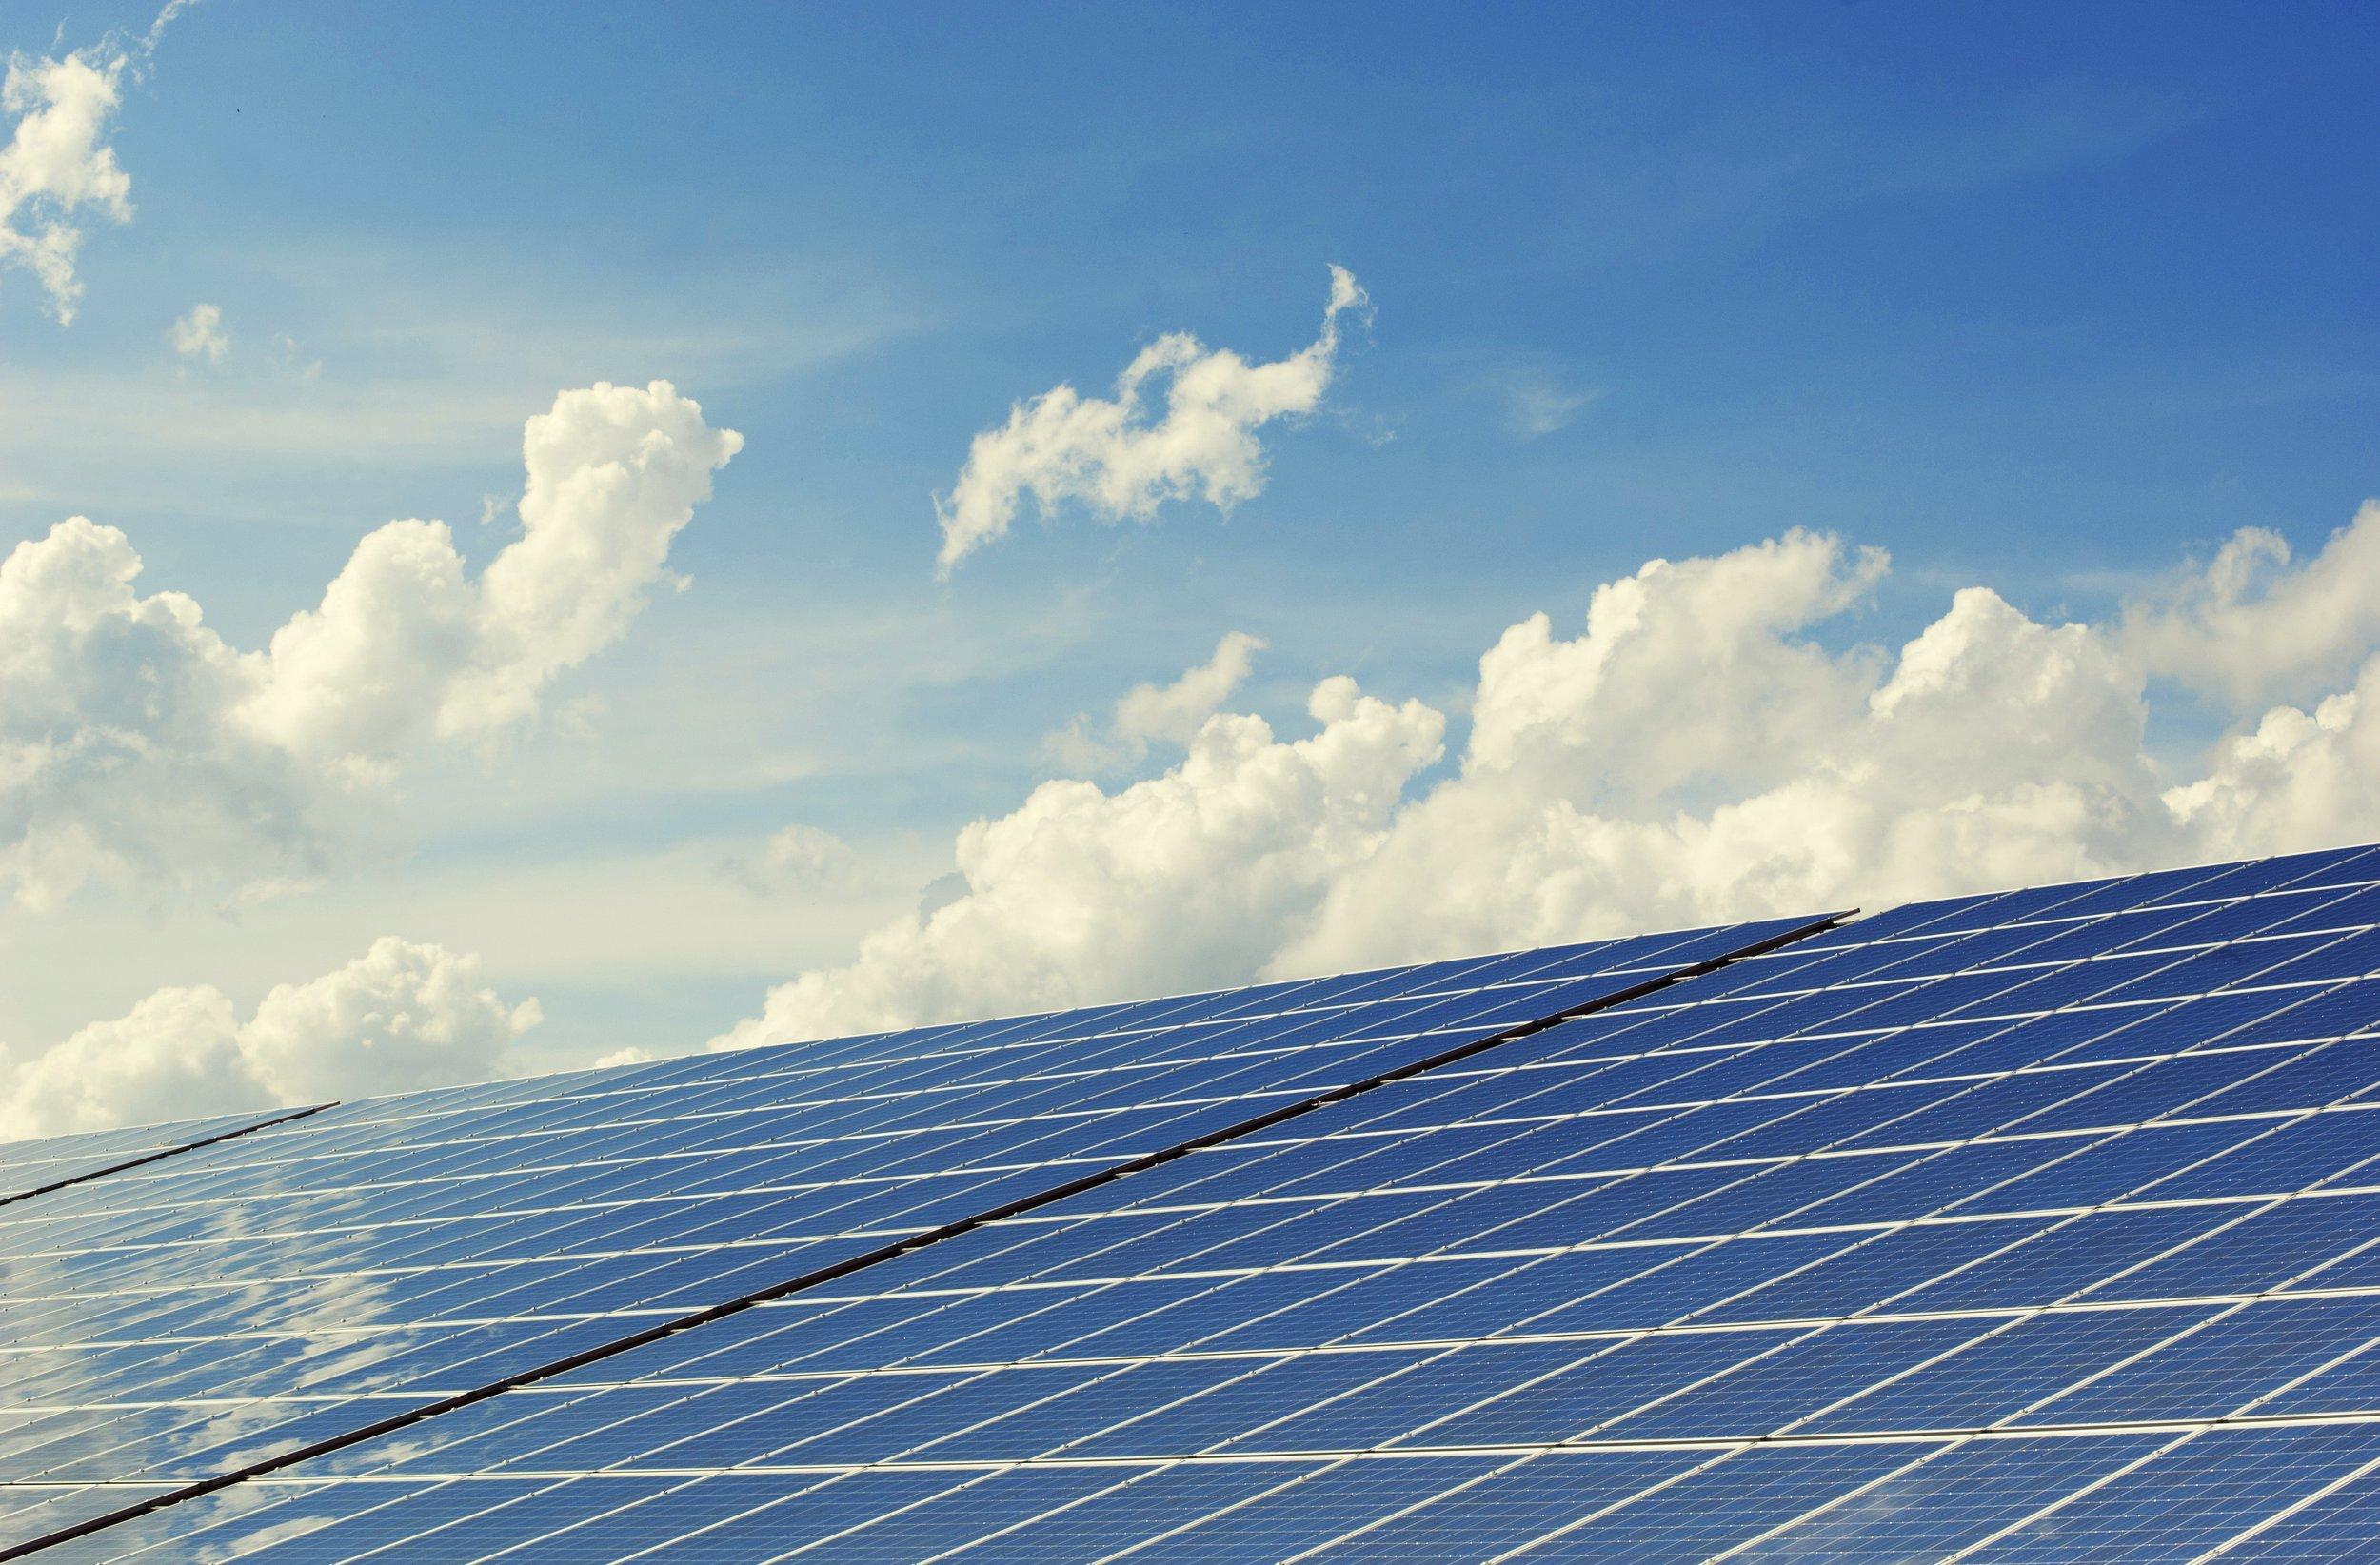 alternative-energy-building-clouds-356036.jpg